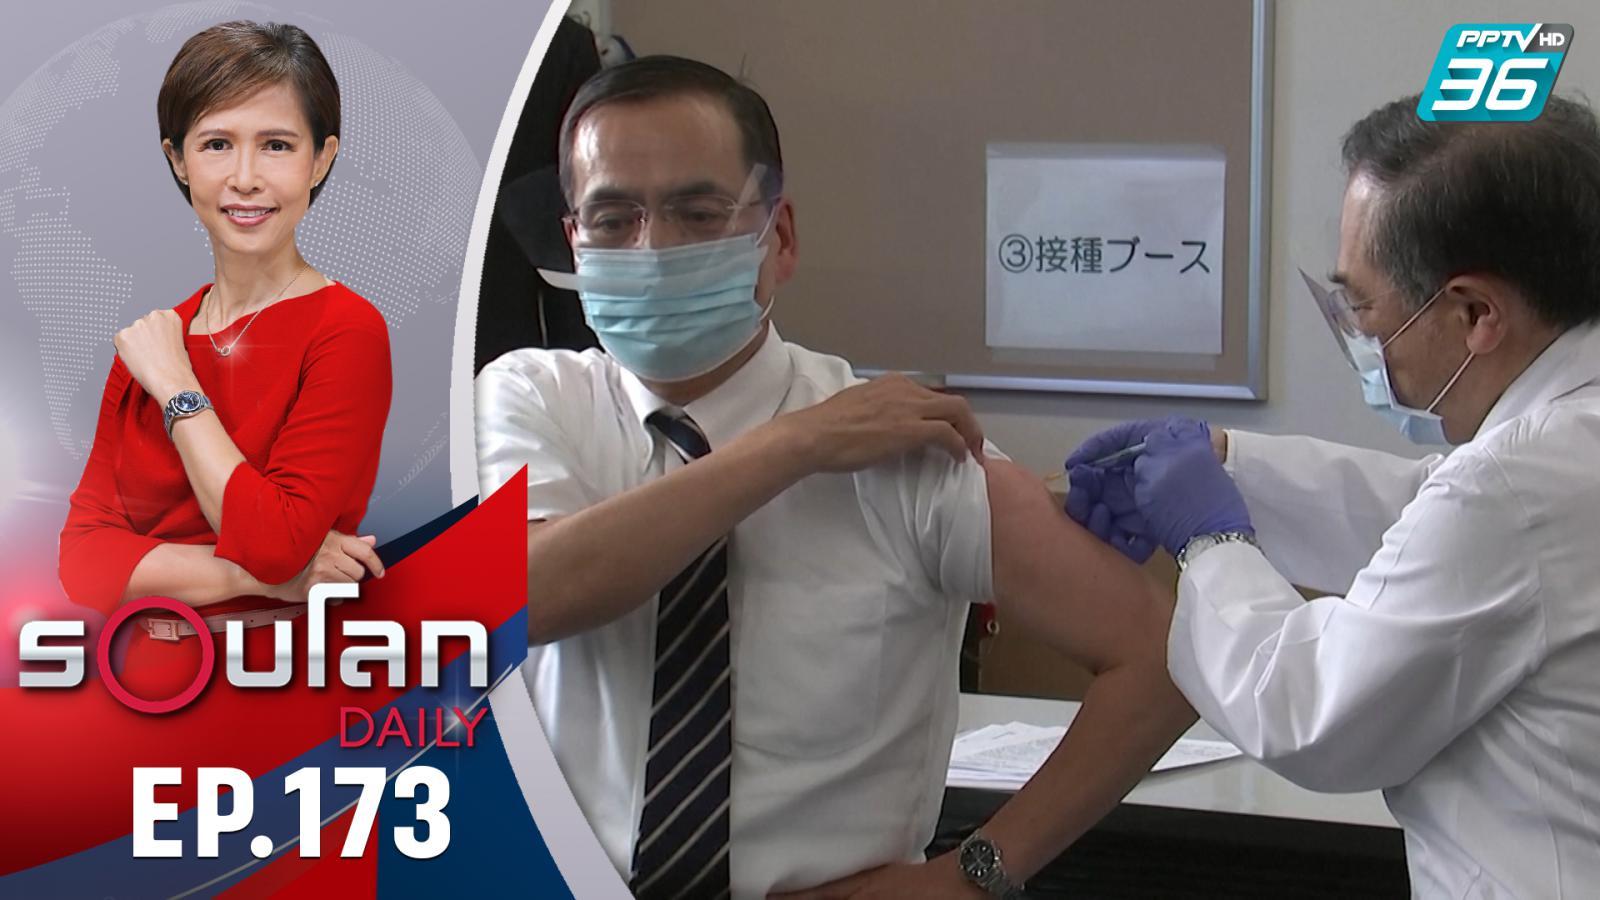 ญี่ปุ่นเริ่มโครงการฉีดวัคซีนป้องกันโควิด-19 ให้ประชาชน